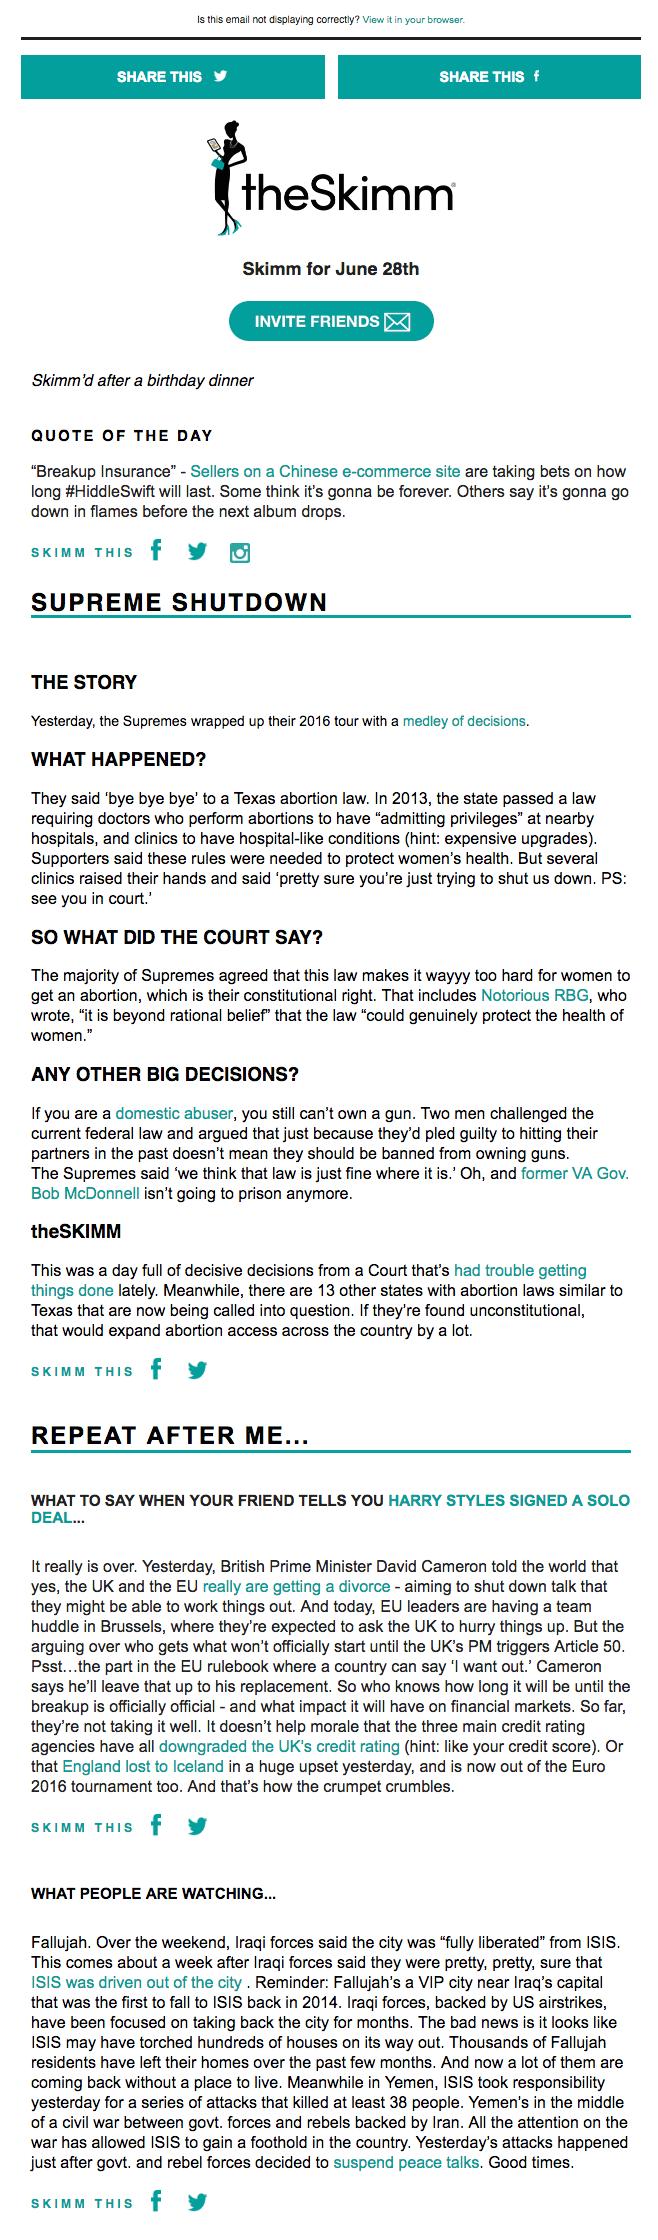 Voorbeeldontwerp e-mailnieuwsbrief met nieuws van theSkimm